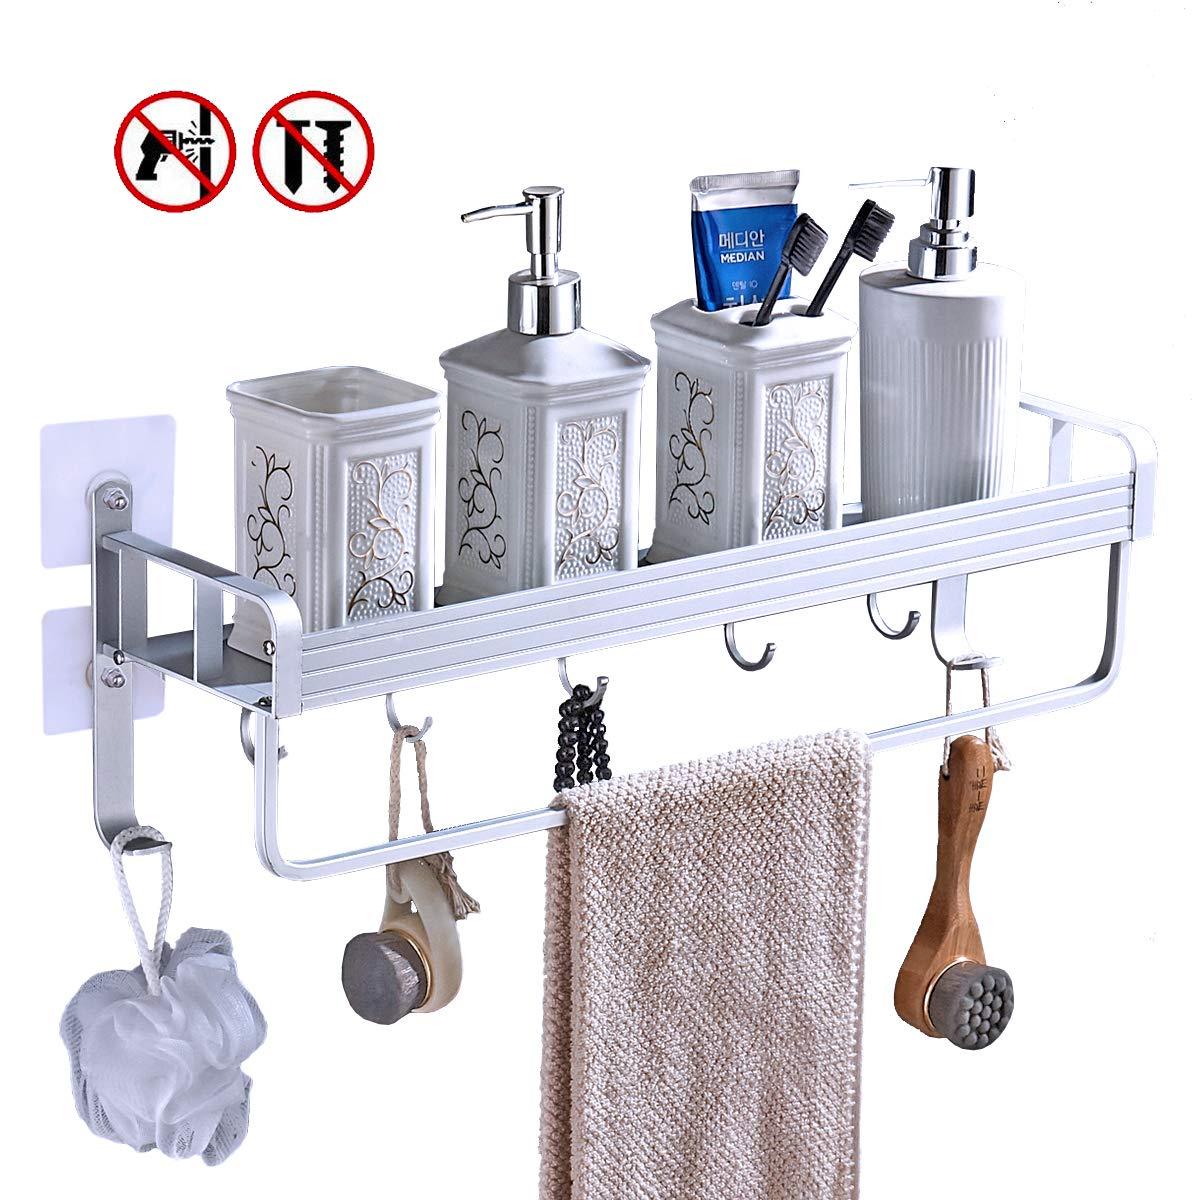 Yeegout mensola bagno no viti con portasciugamani e ganci, Alluminio Adesivo Montaggio a parete mensola per doccia per cucina